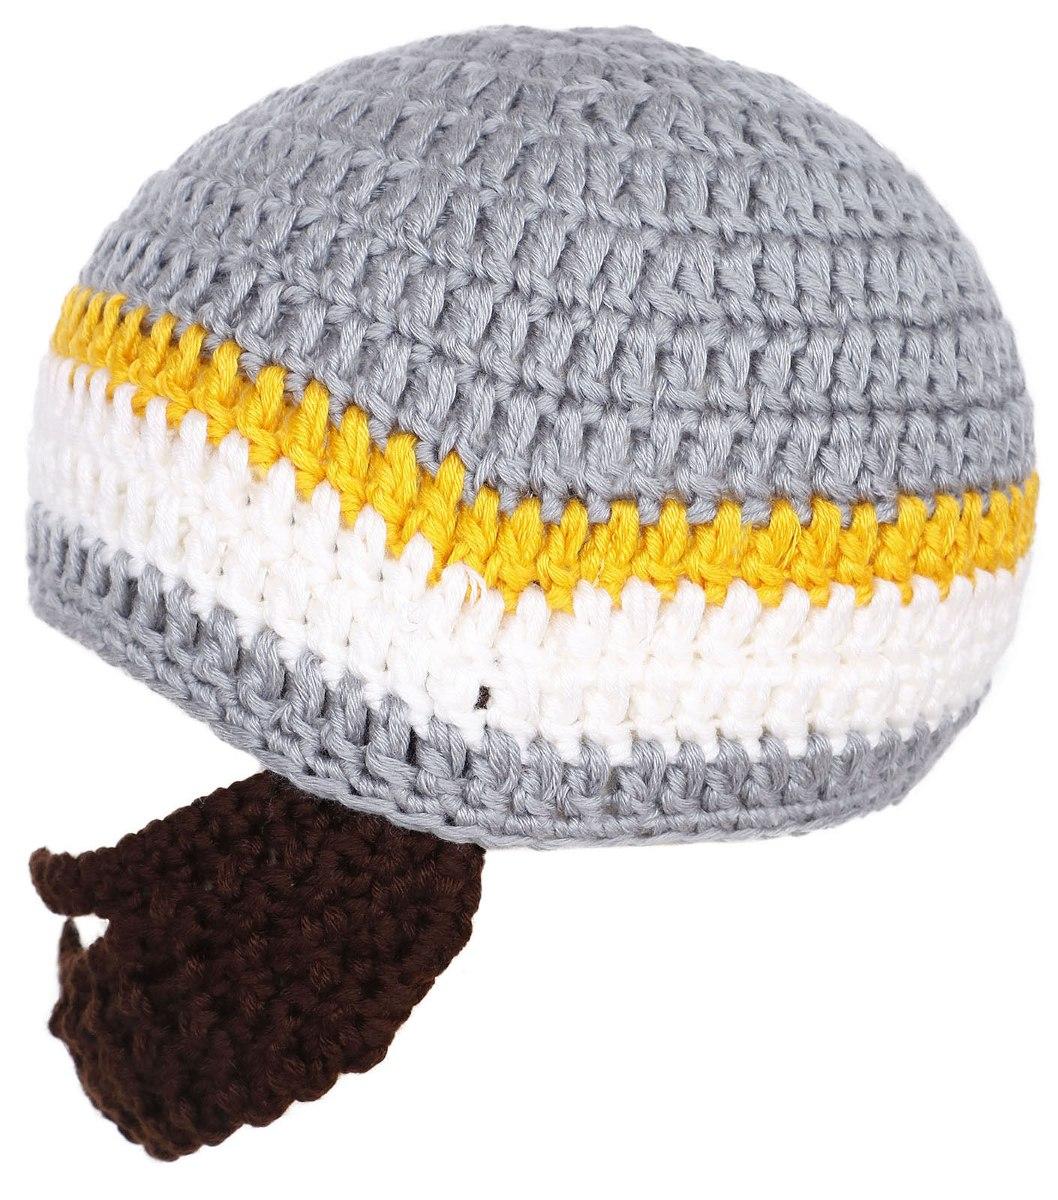 Niños Niño Barba Sombrero Crochet Tejido Invierno... (grey ...